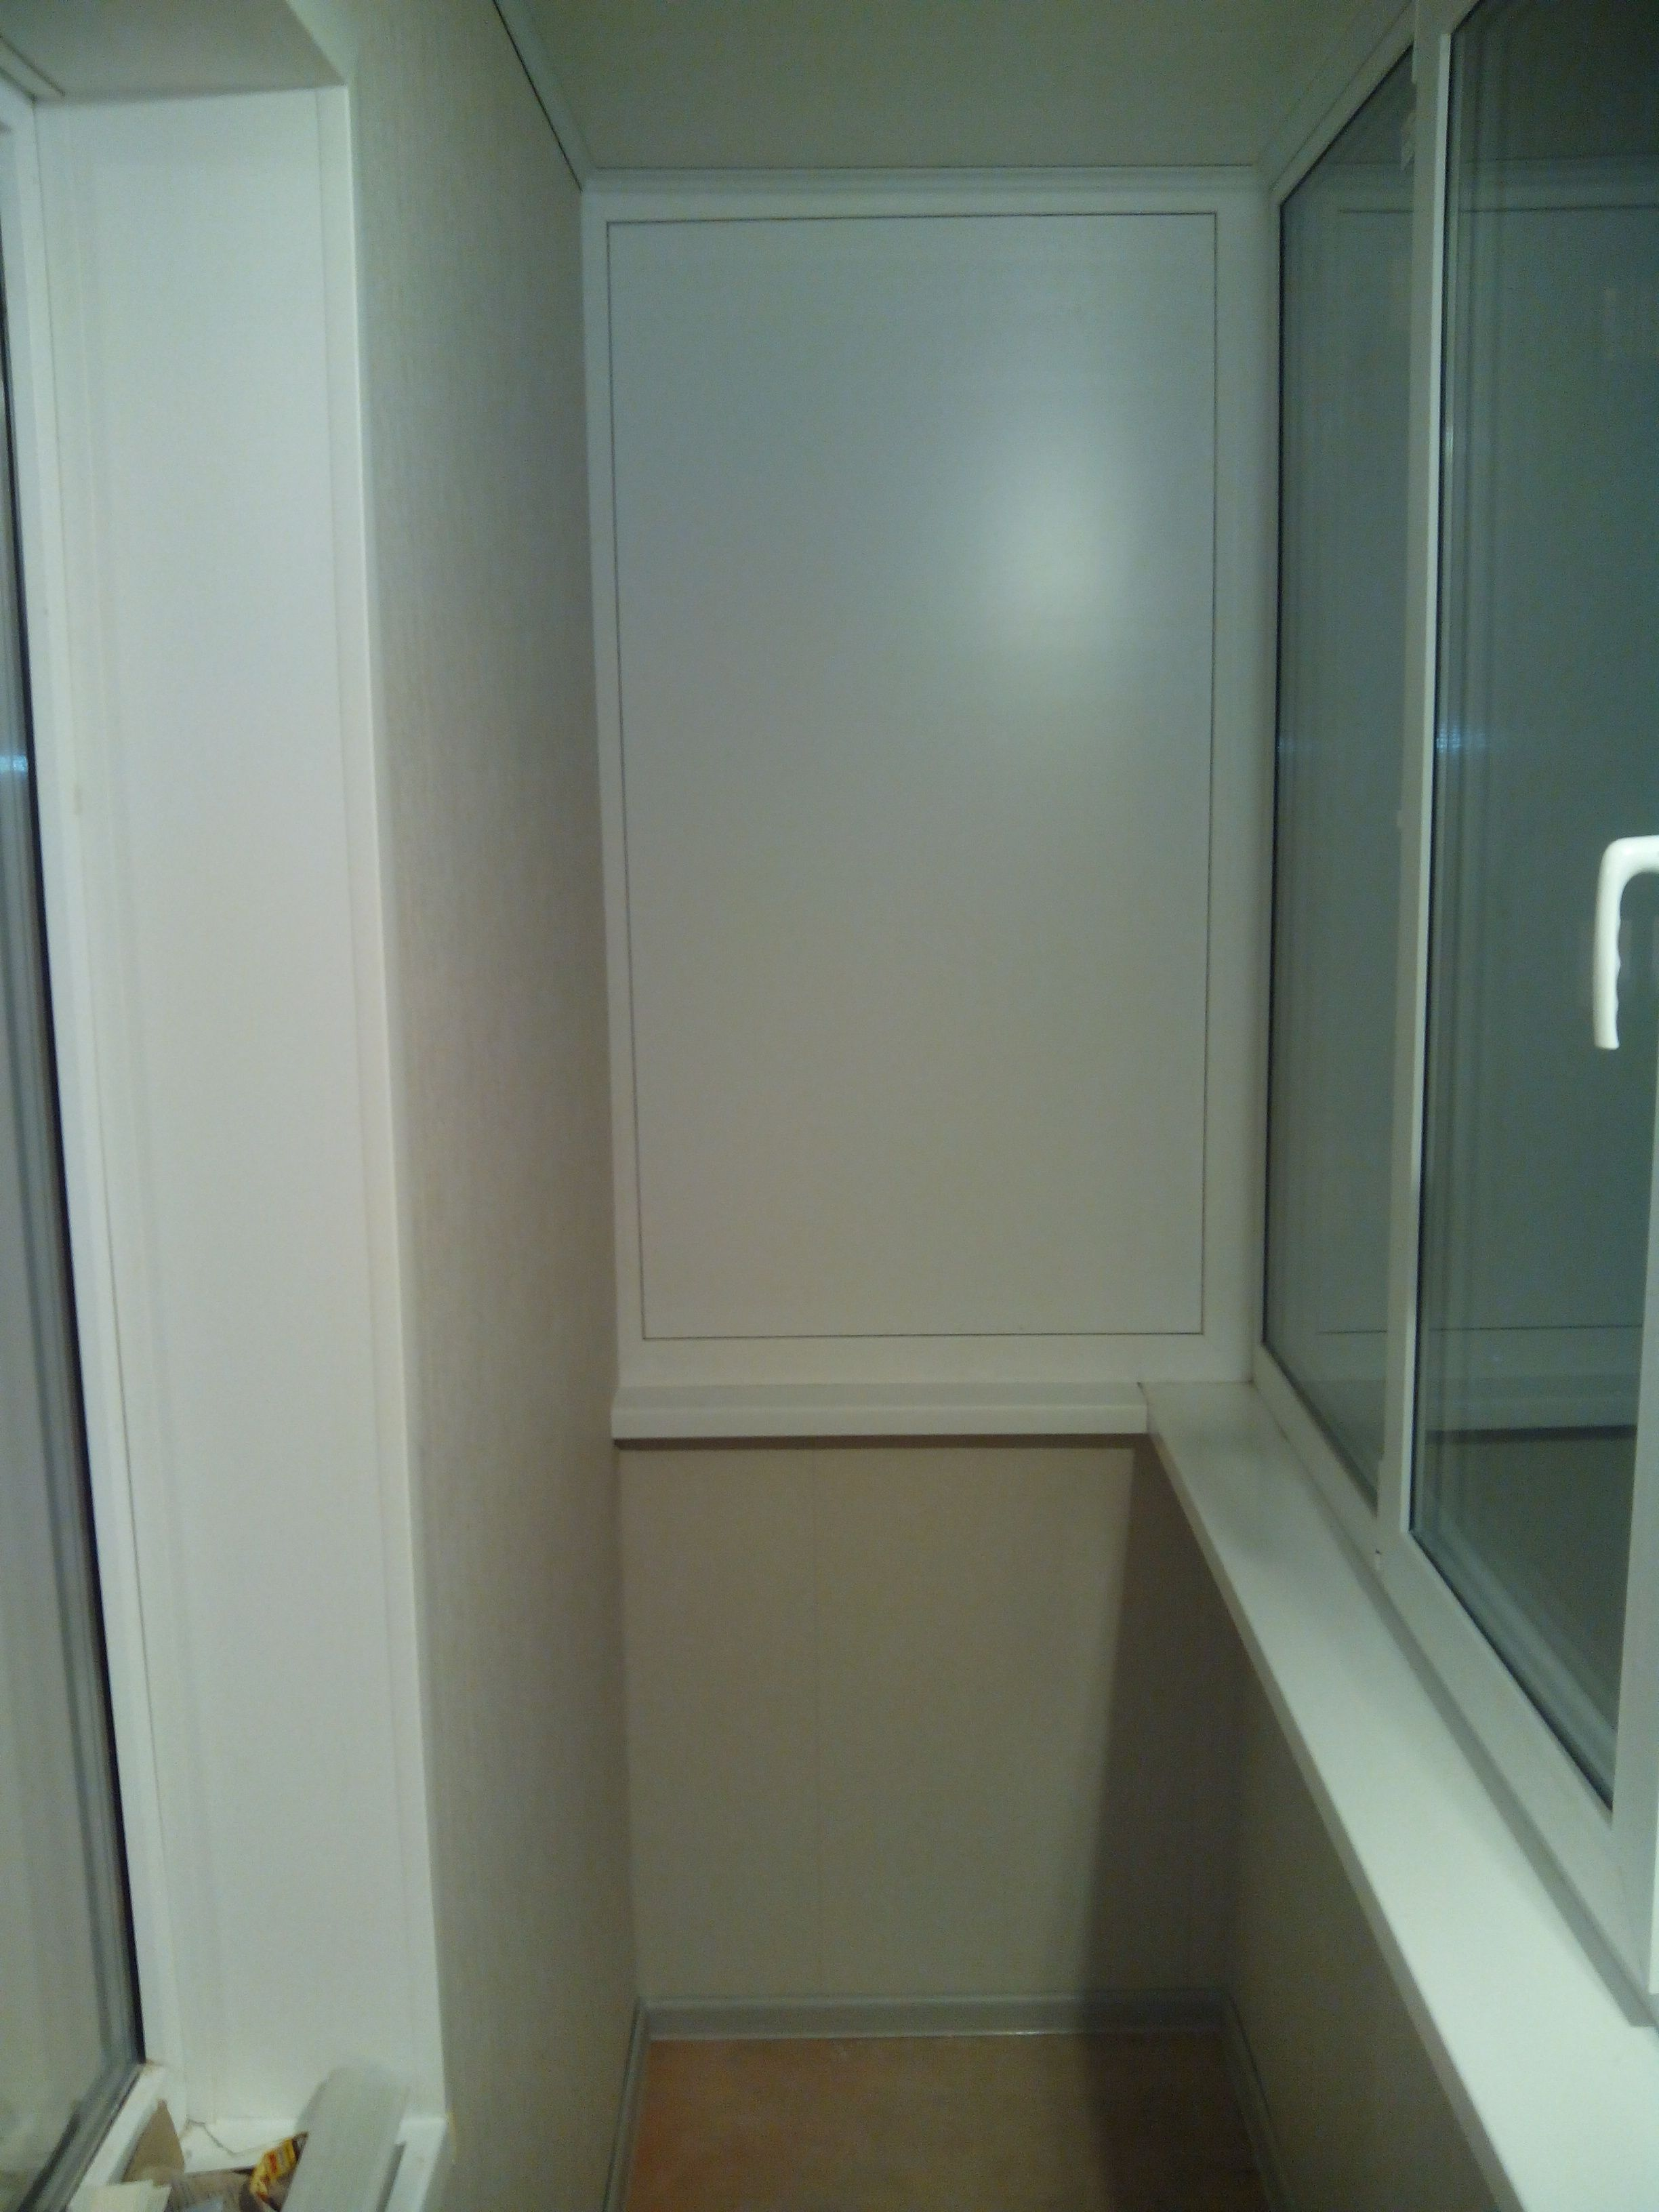 Цены внутренней отделки балкона вагонкой стоимость обшивки л.